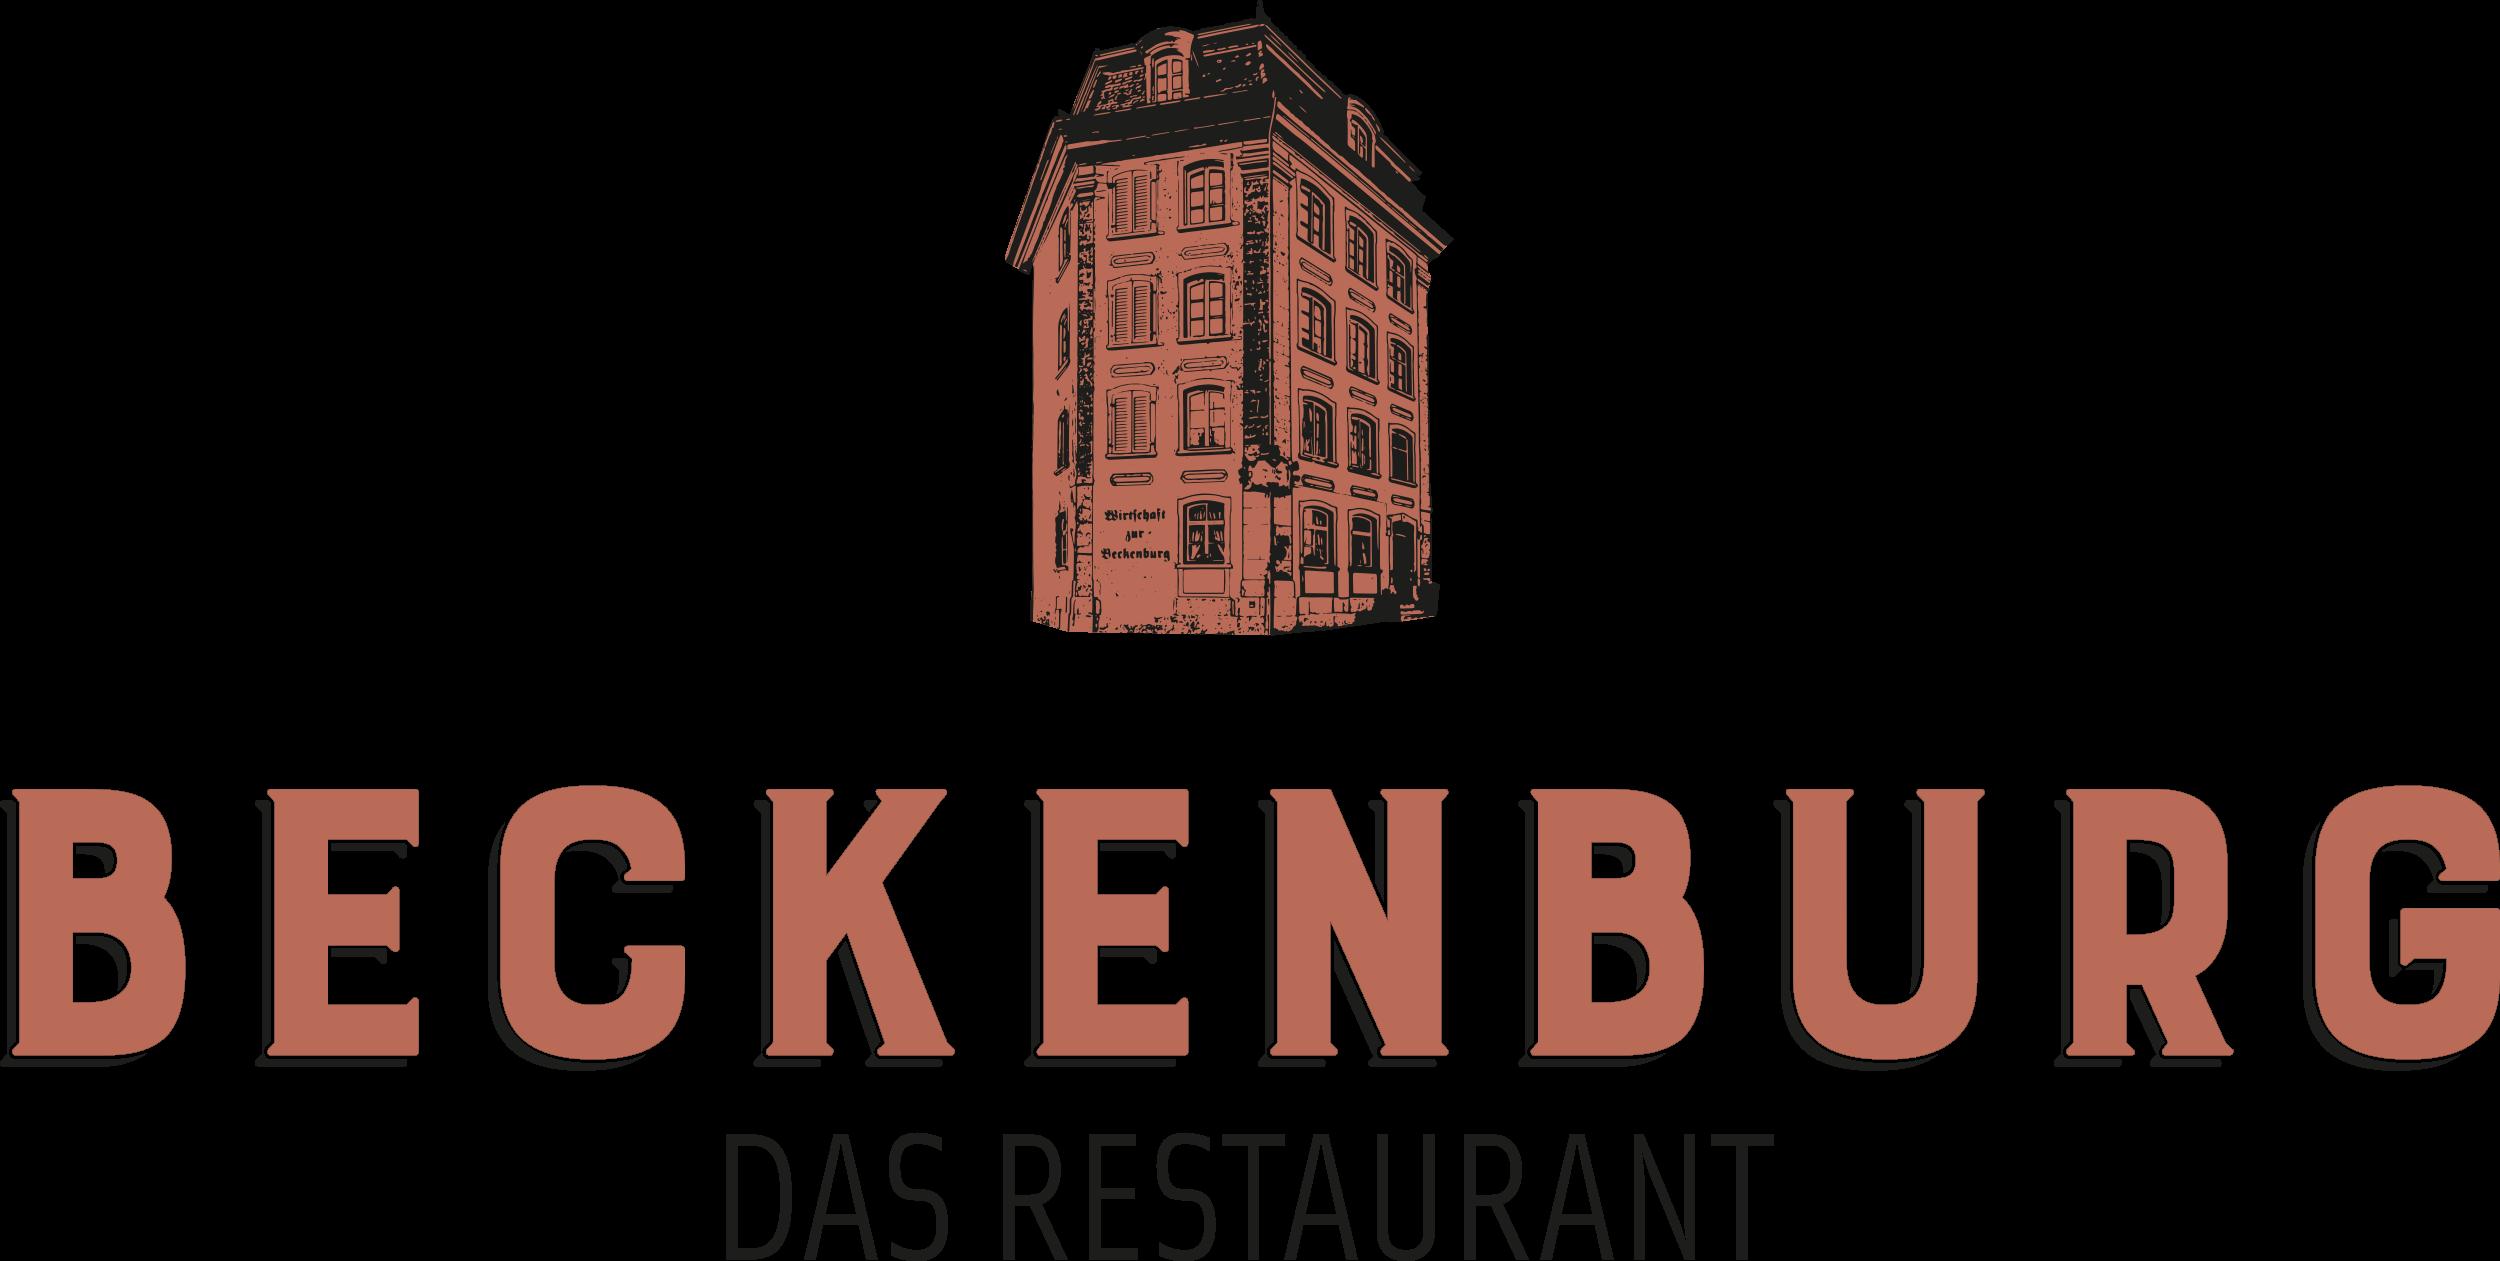 Beckenburg | Das Restaurant